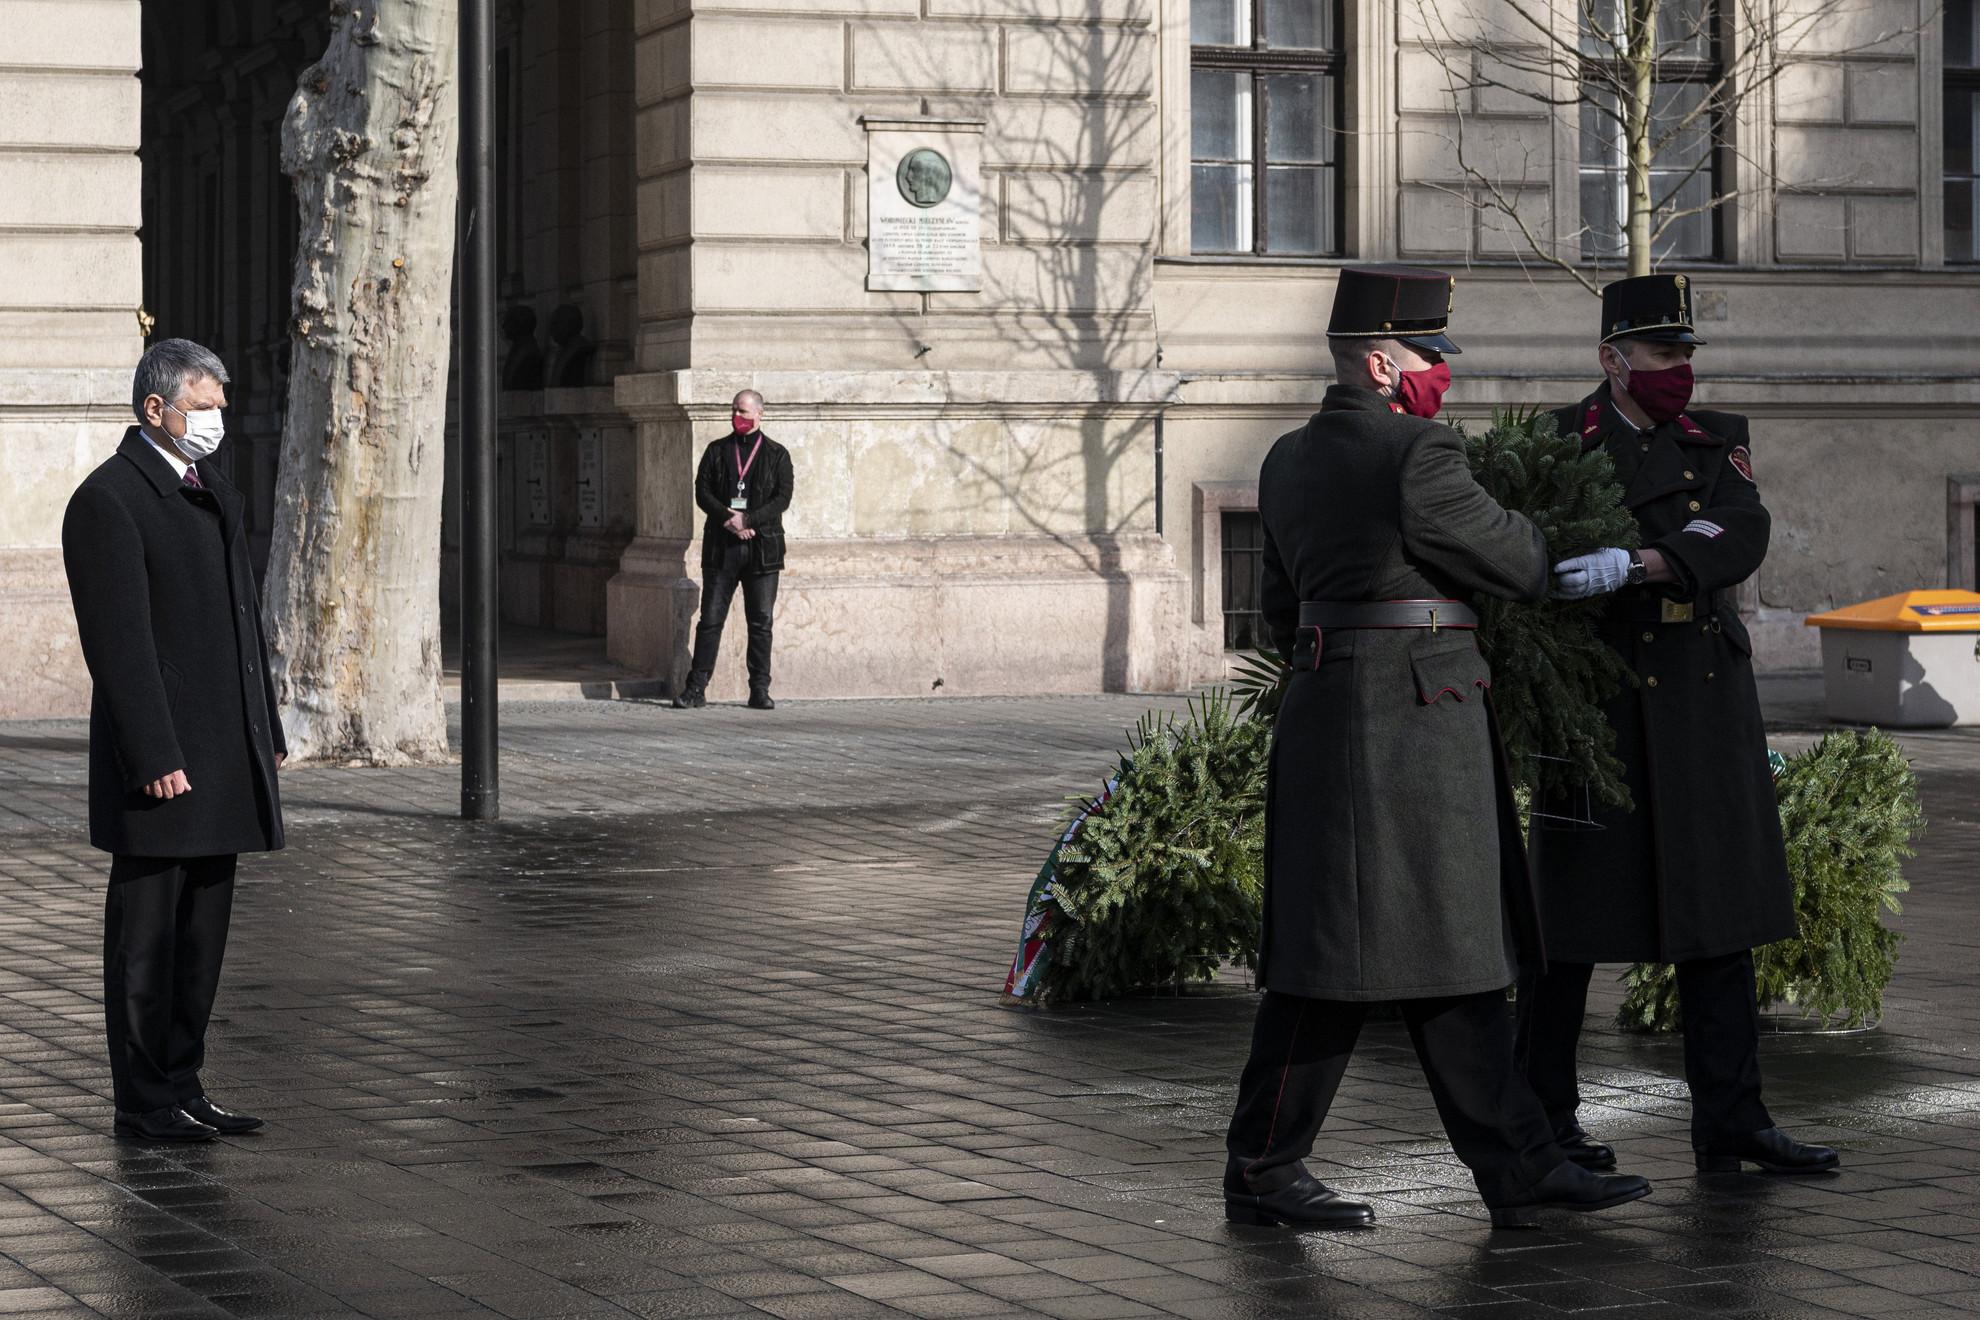 Kövér László, az Országgyűlés elnöke koszorúz a Nemzeti vértanúk emlékművénél a Vértanúk terén a kommunizmus áldozatainak emléknapján, 2021. február 25-én